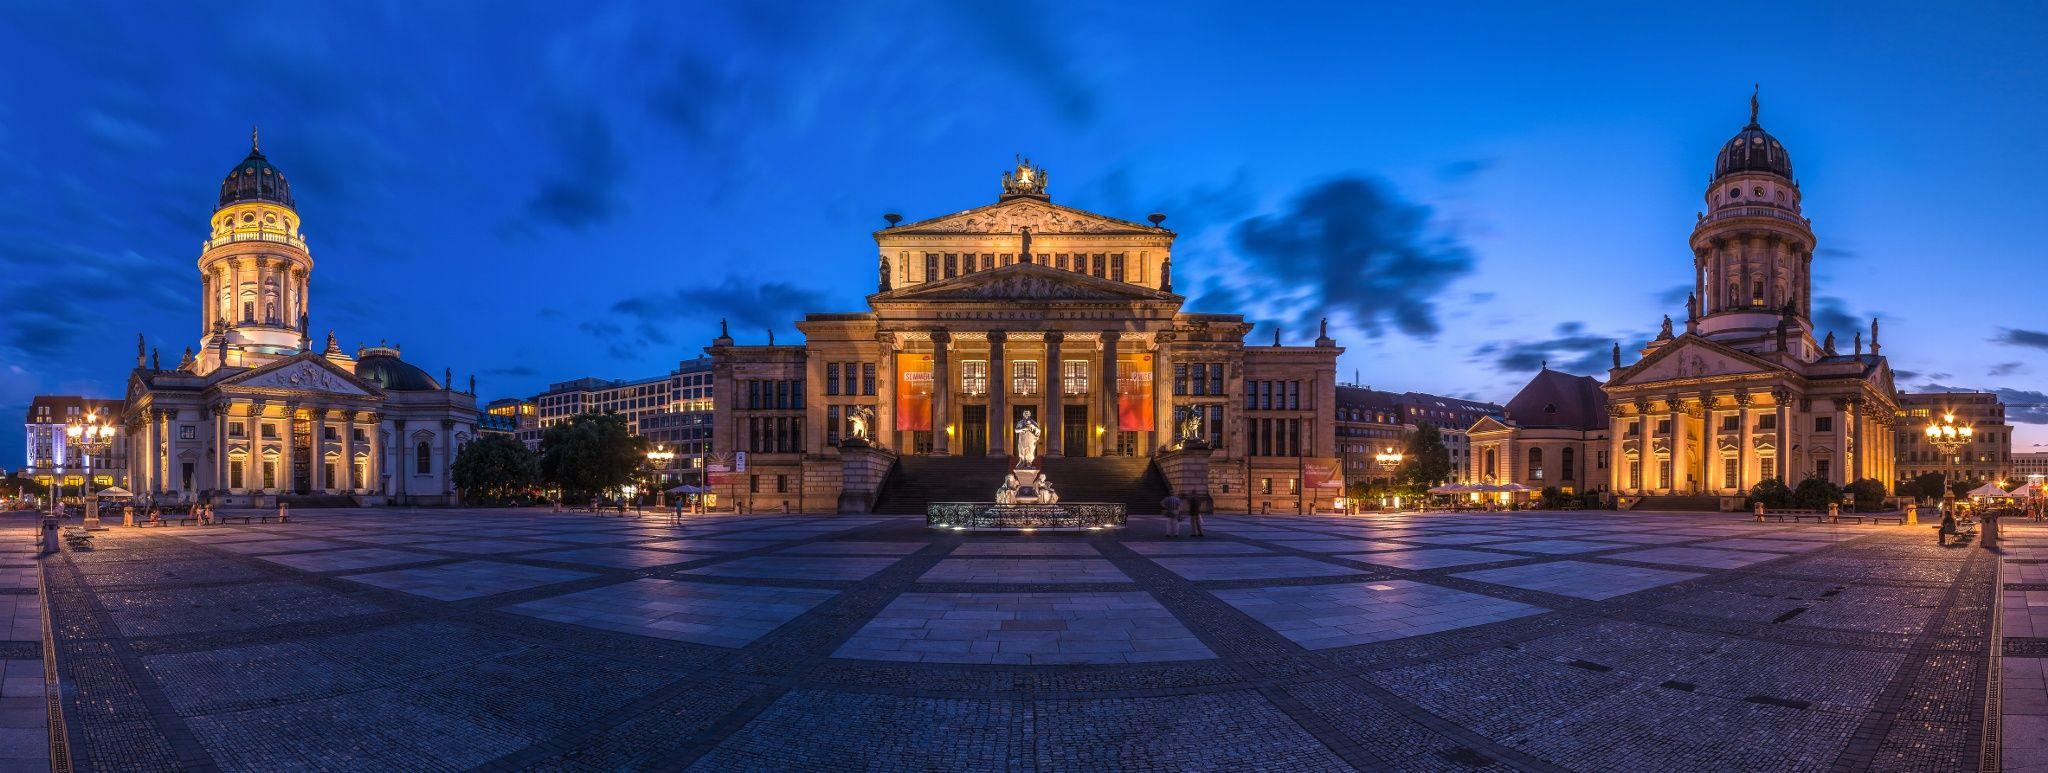 ღღ Berlin Gendarmenmarkt By Jean Claude Castor Visit Germany